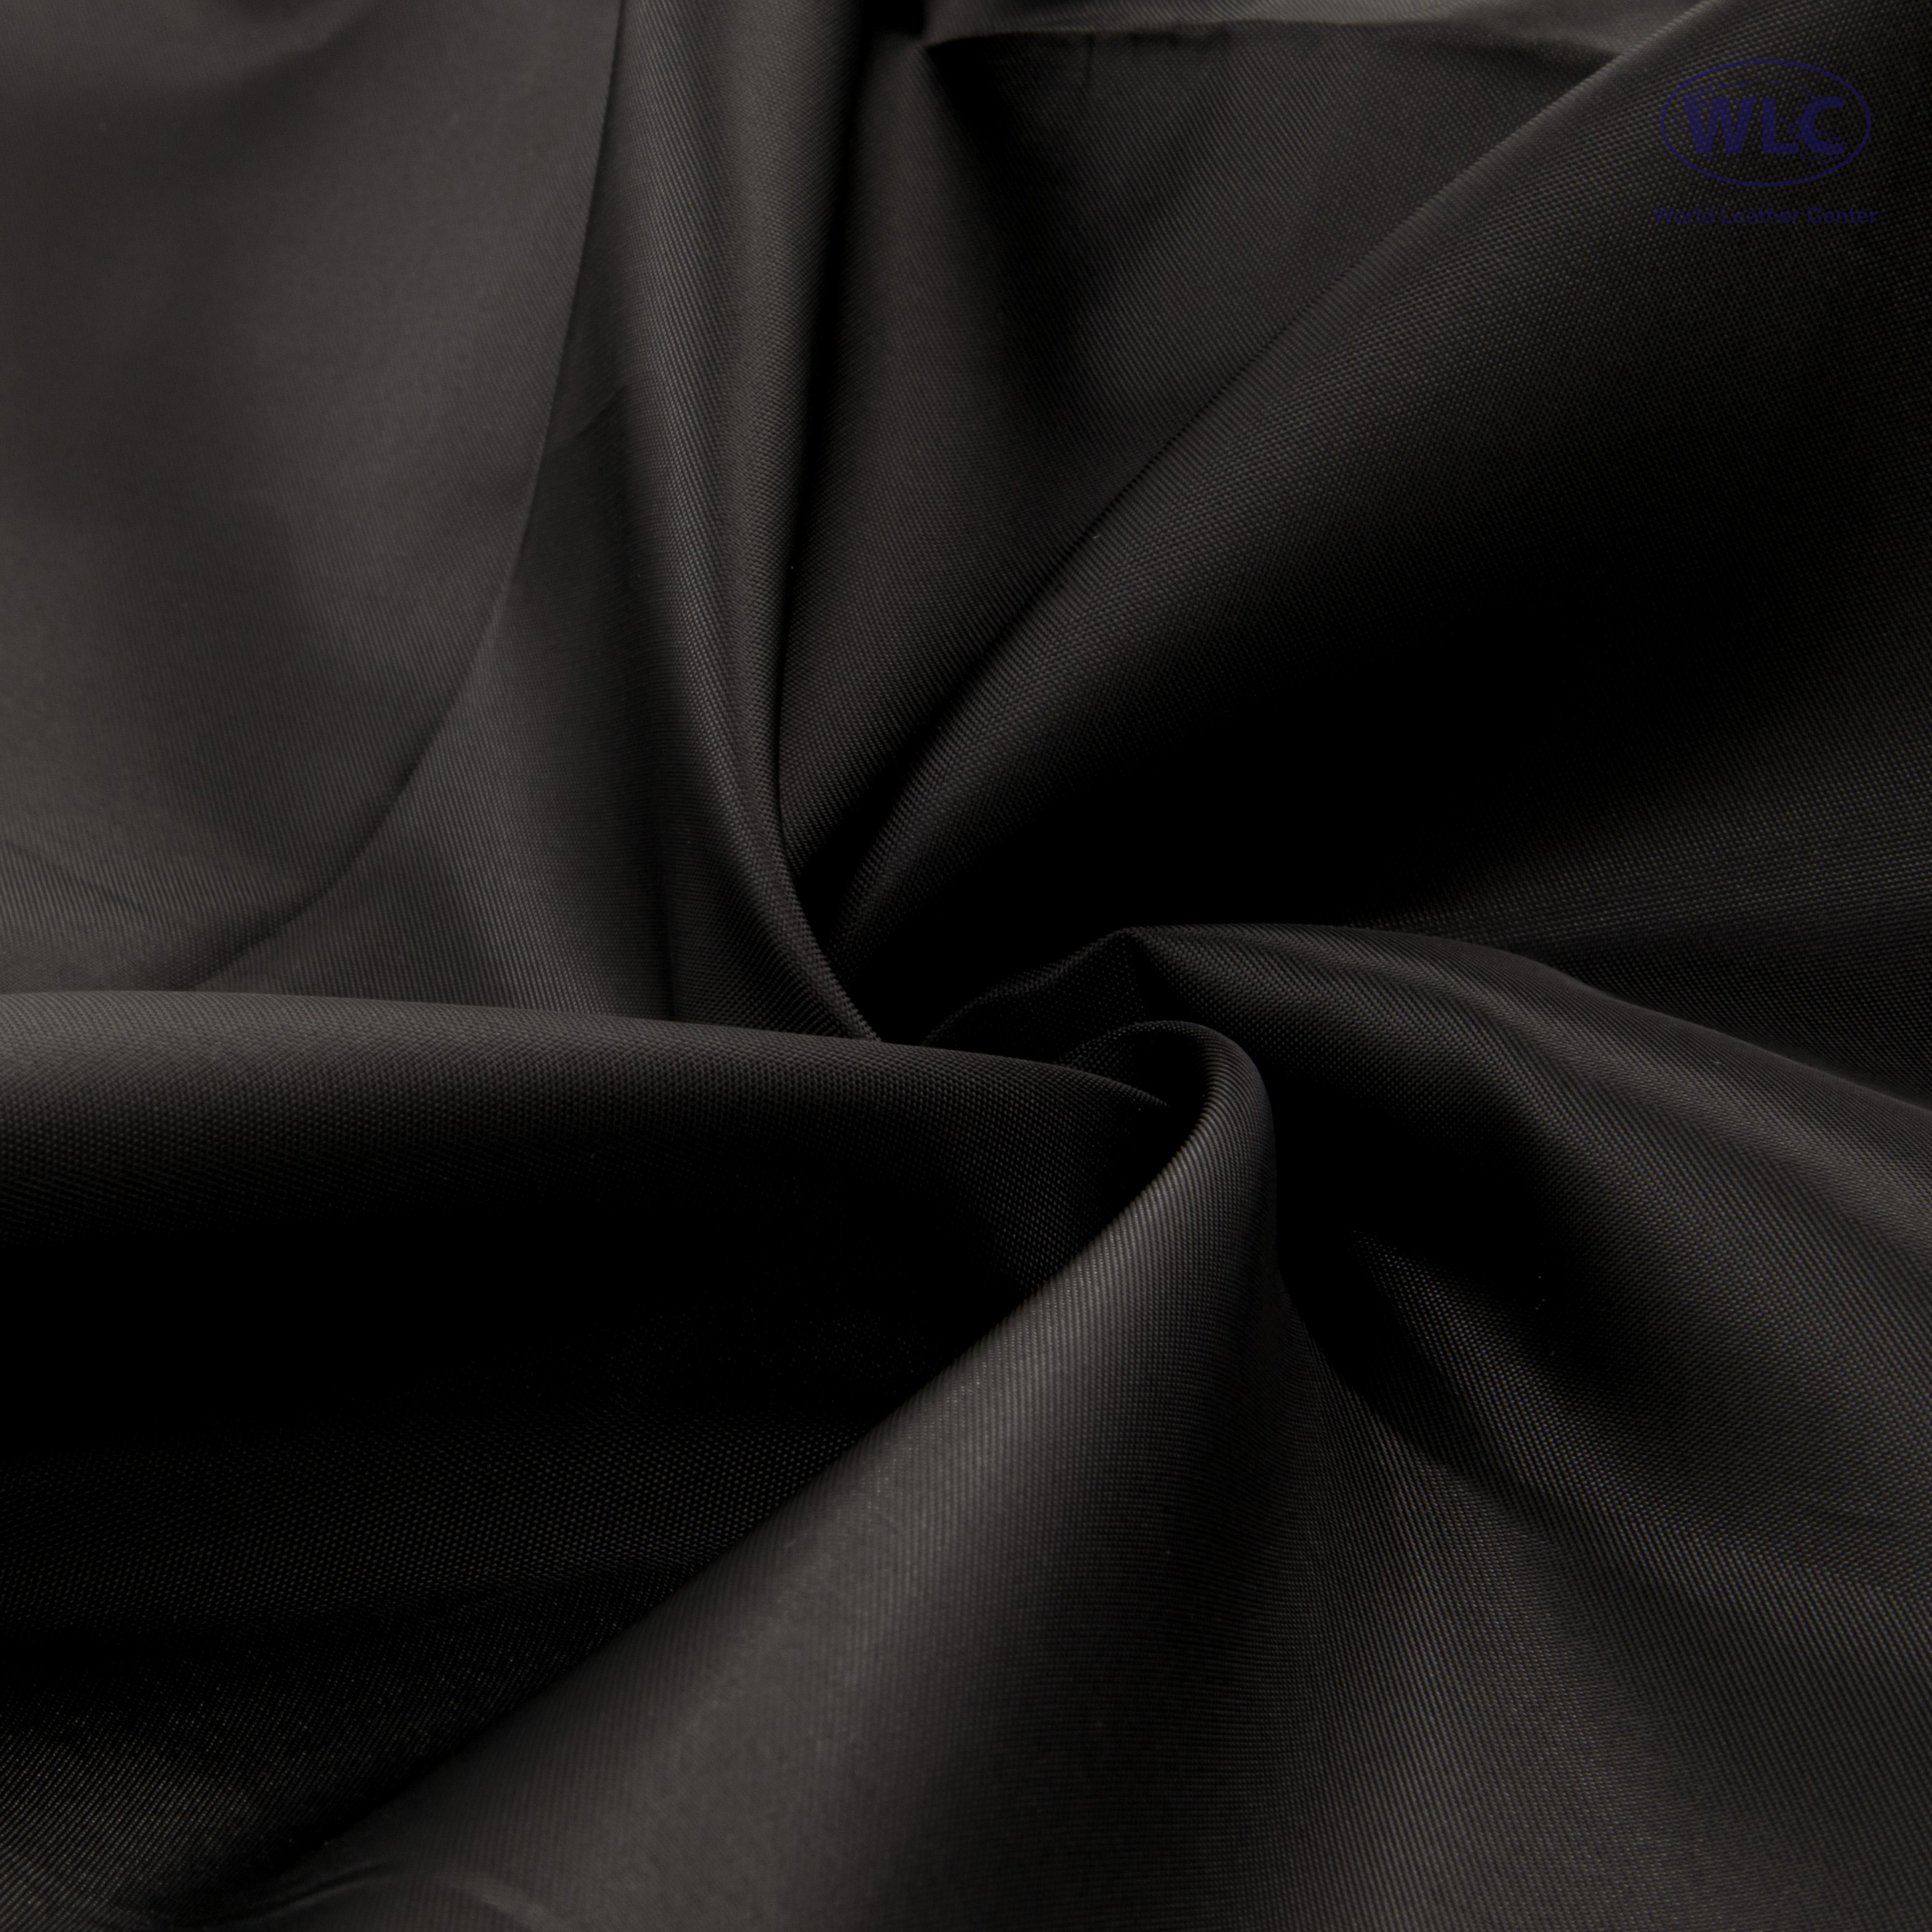 ผ้าร่ม โพลี T1000 ดำ